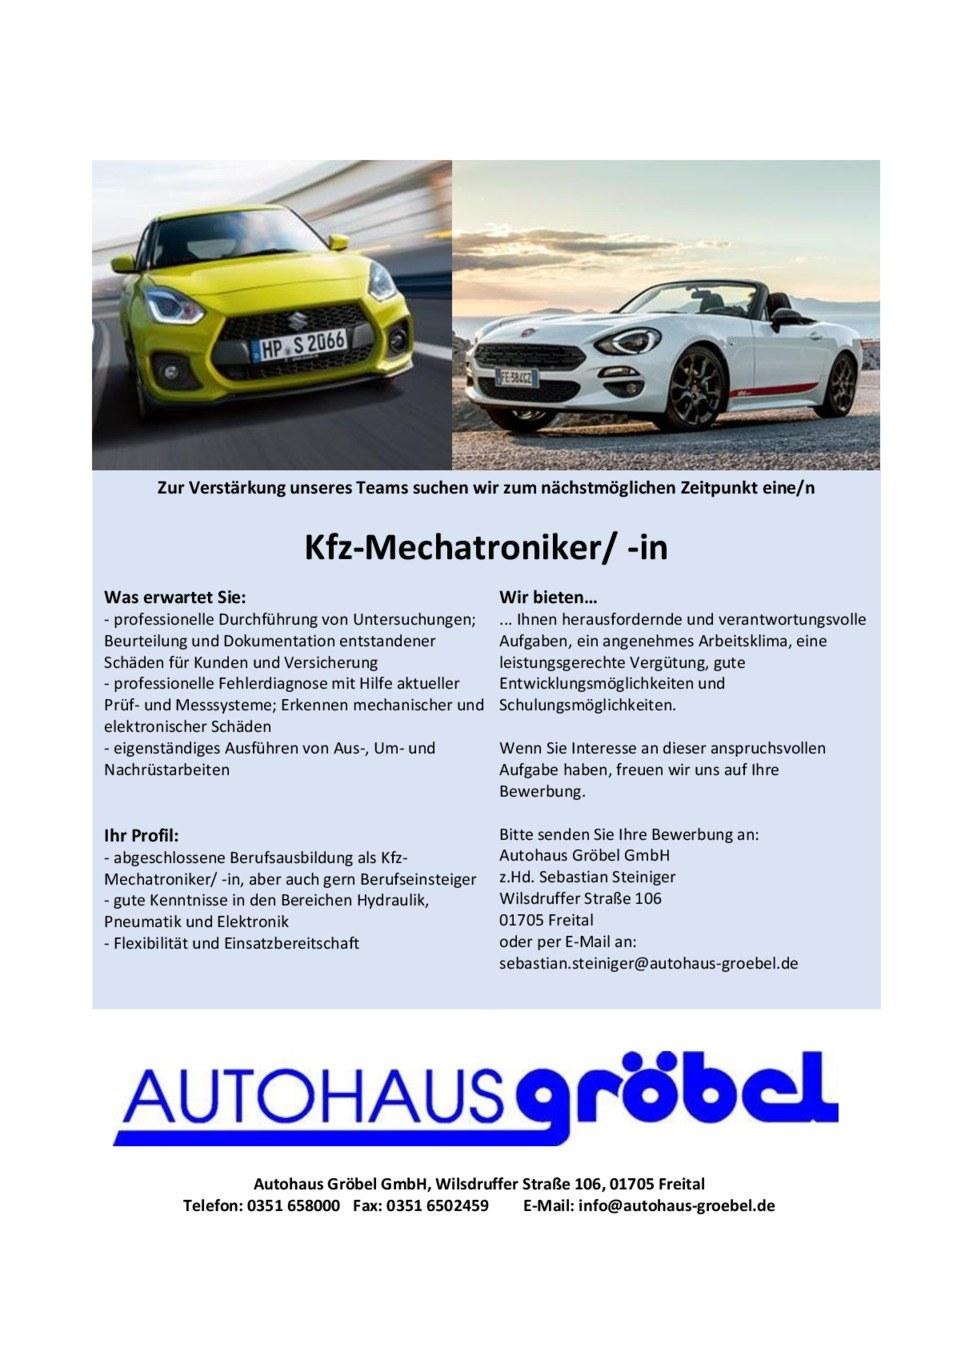 Kfz Mechatroniker / -in